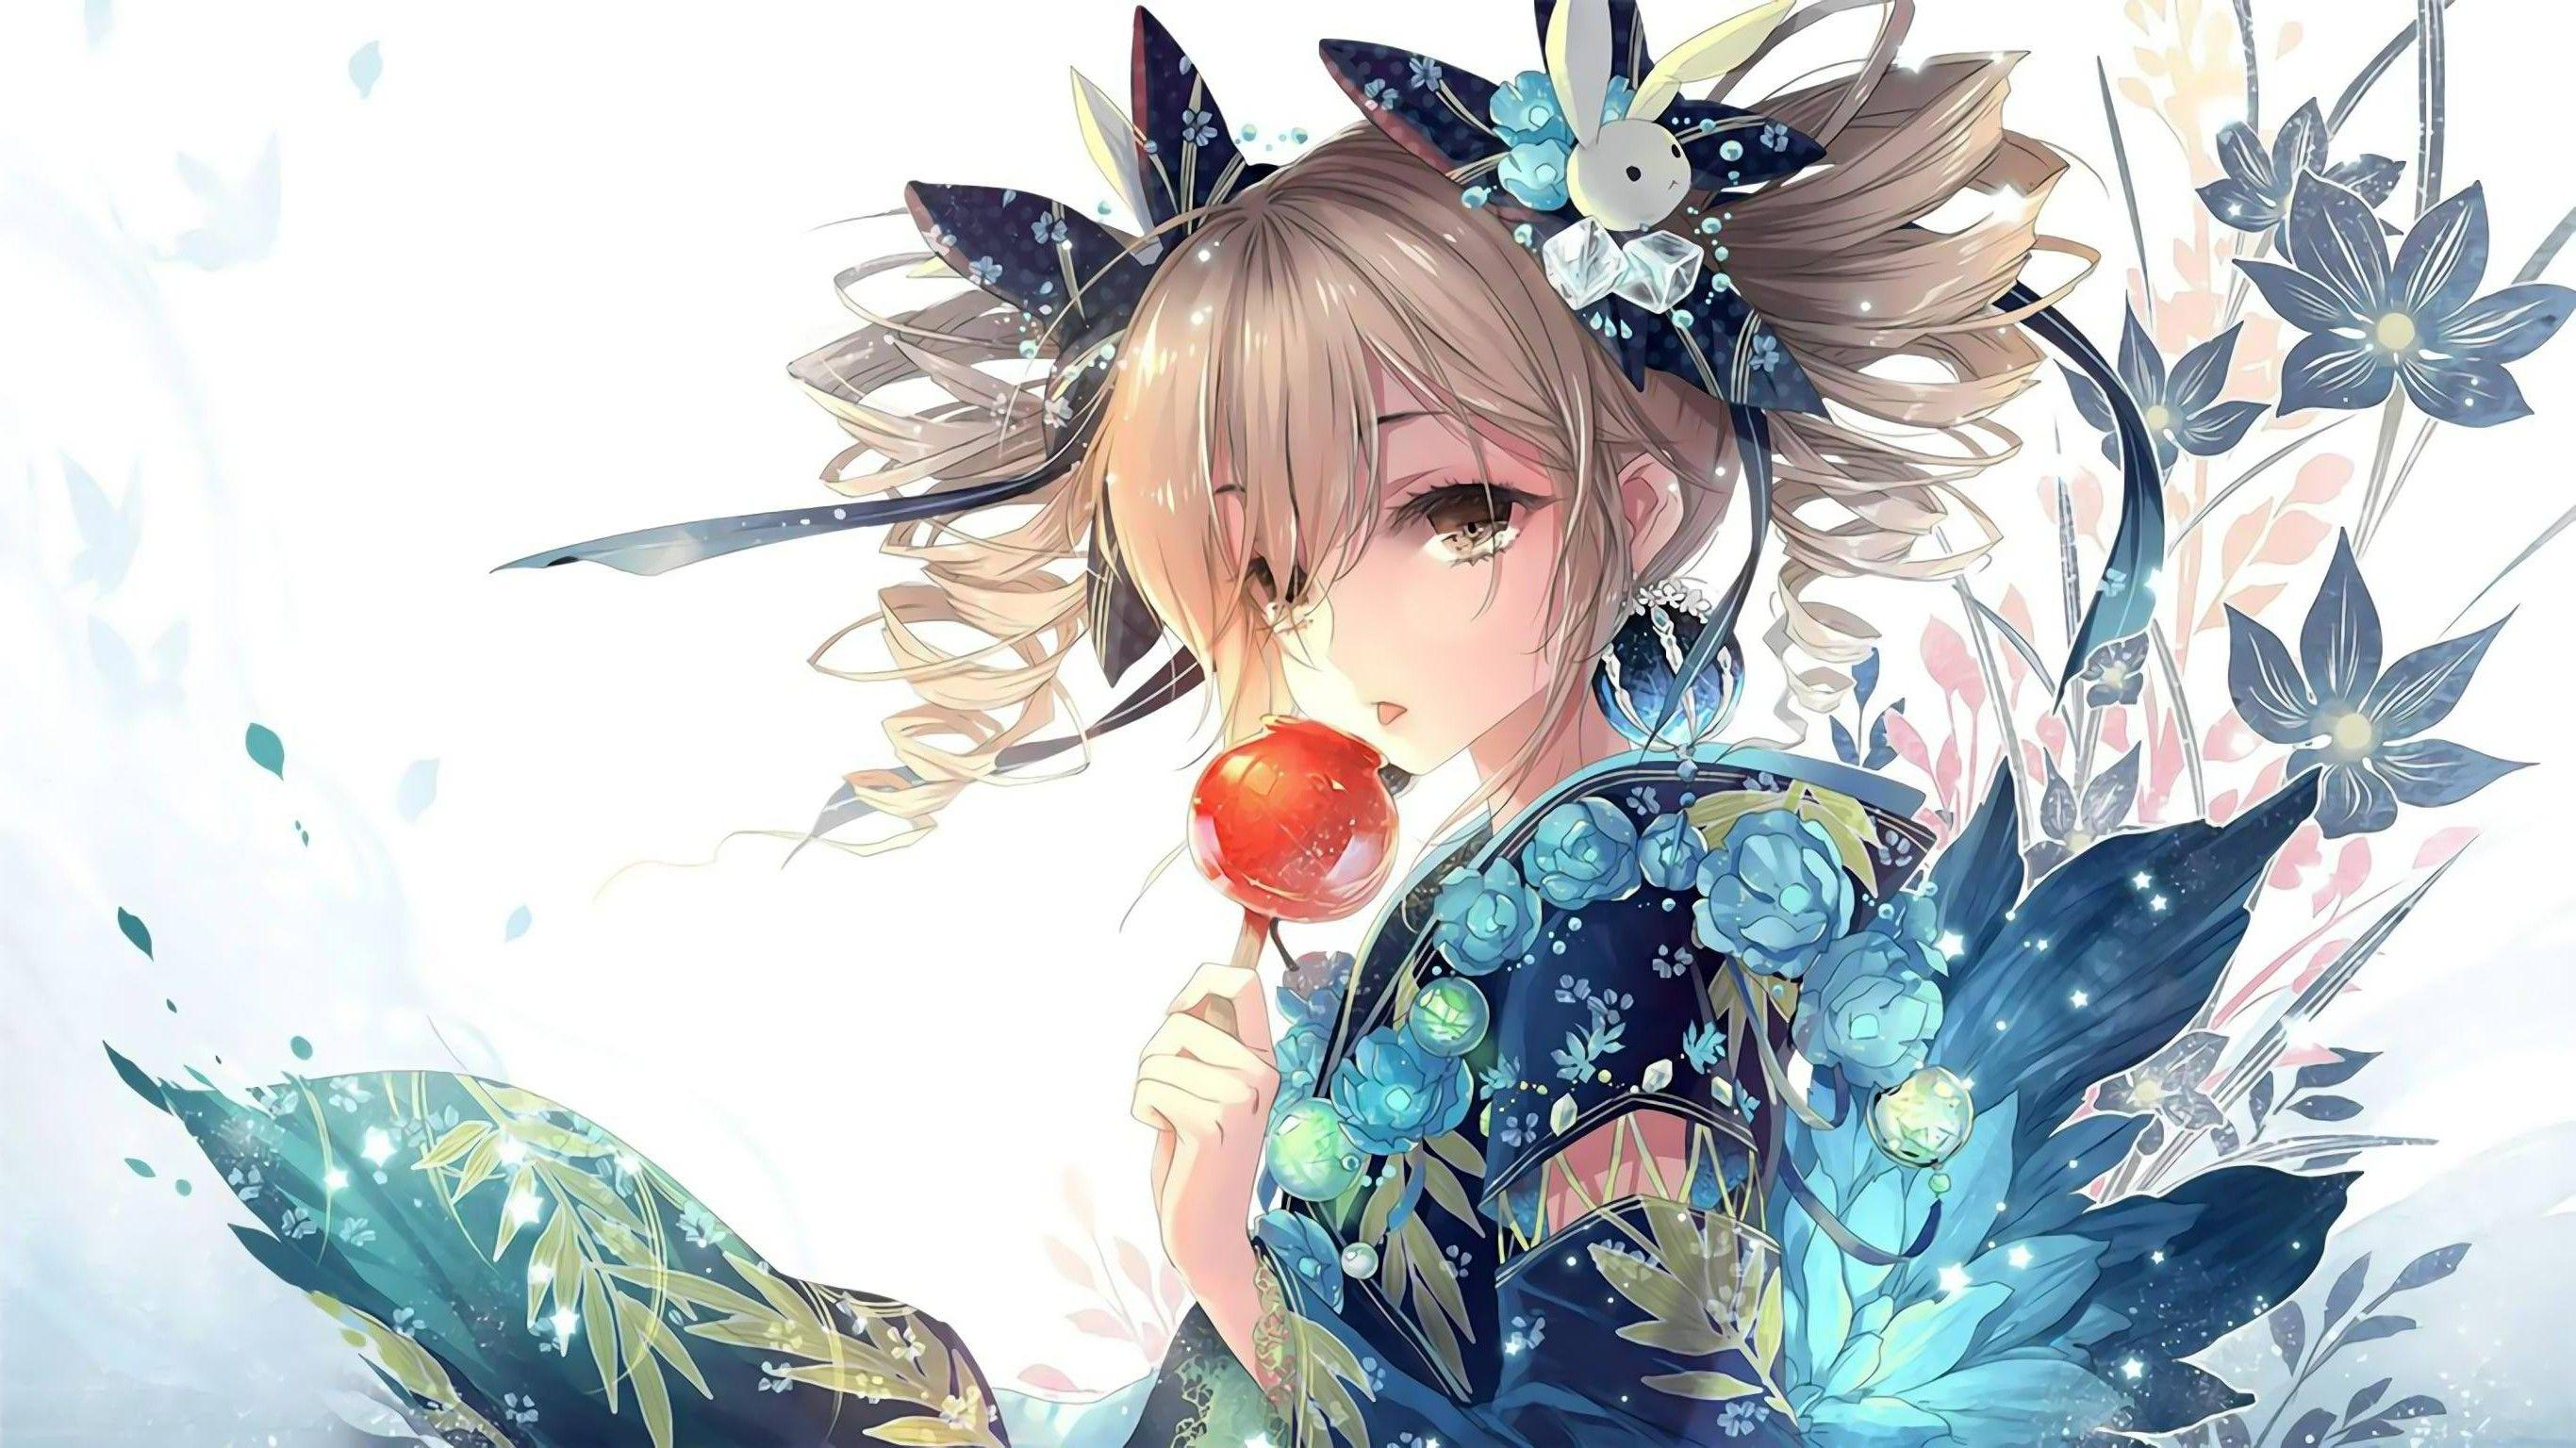 「Kimono 3」おしゃれまとめの人気アイデア|Pinterest|Sero 絵, イラスト, イラストポスター